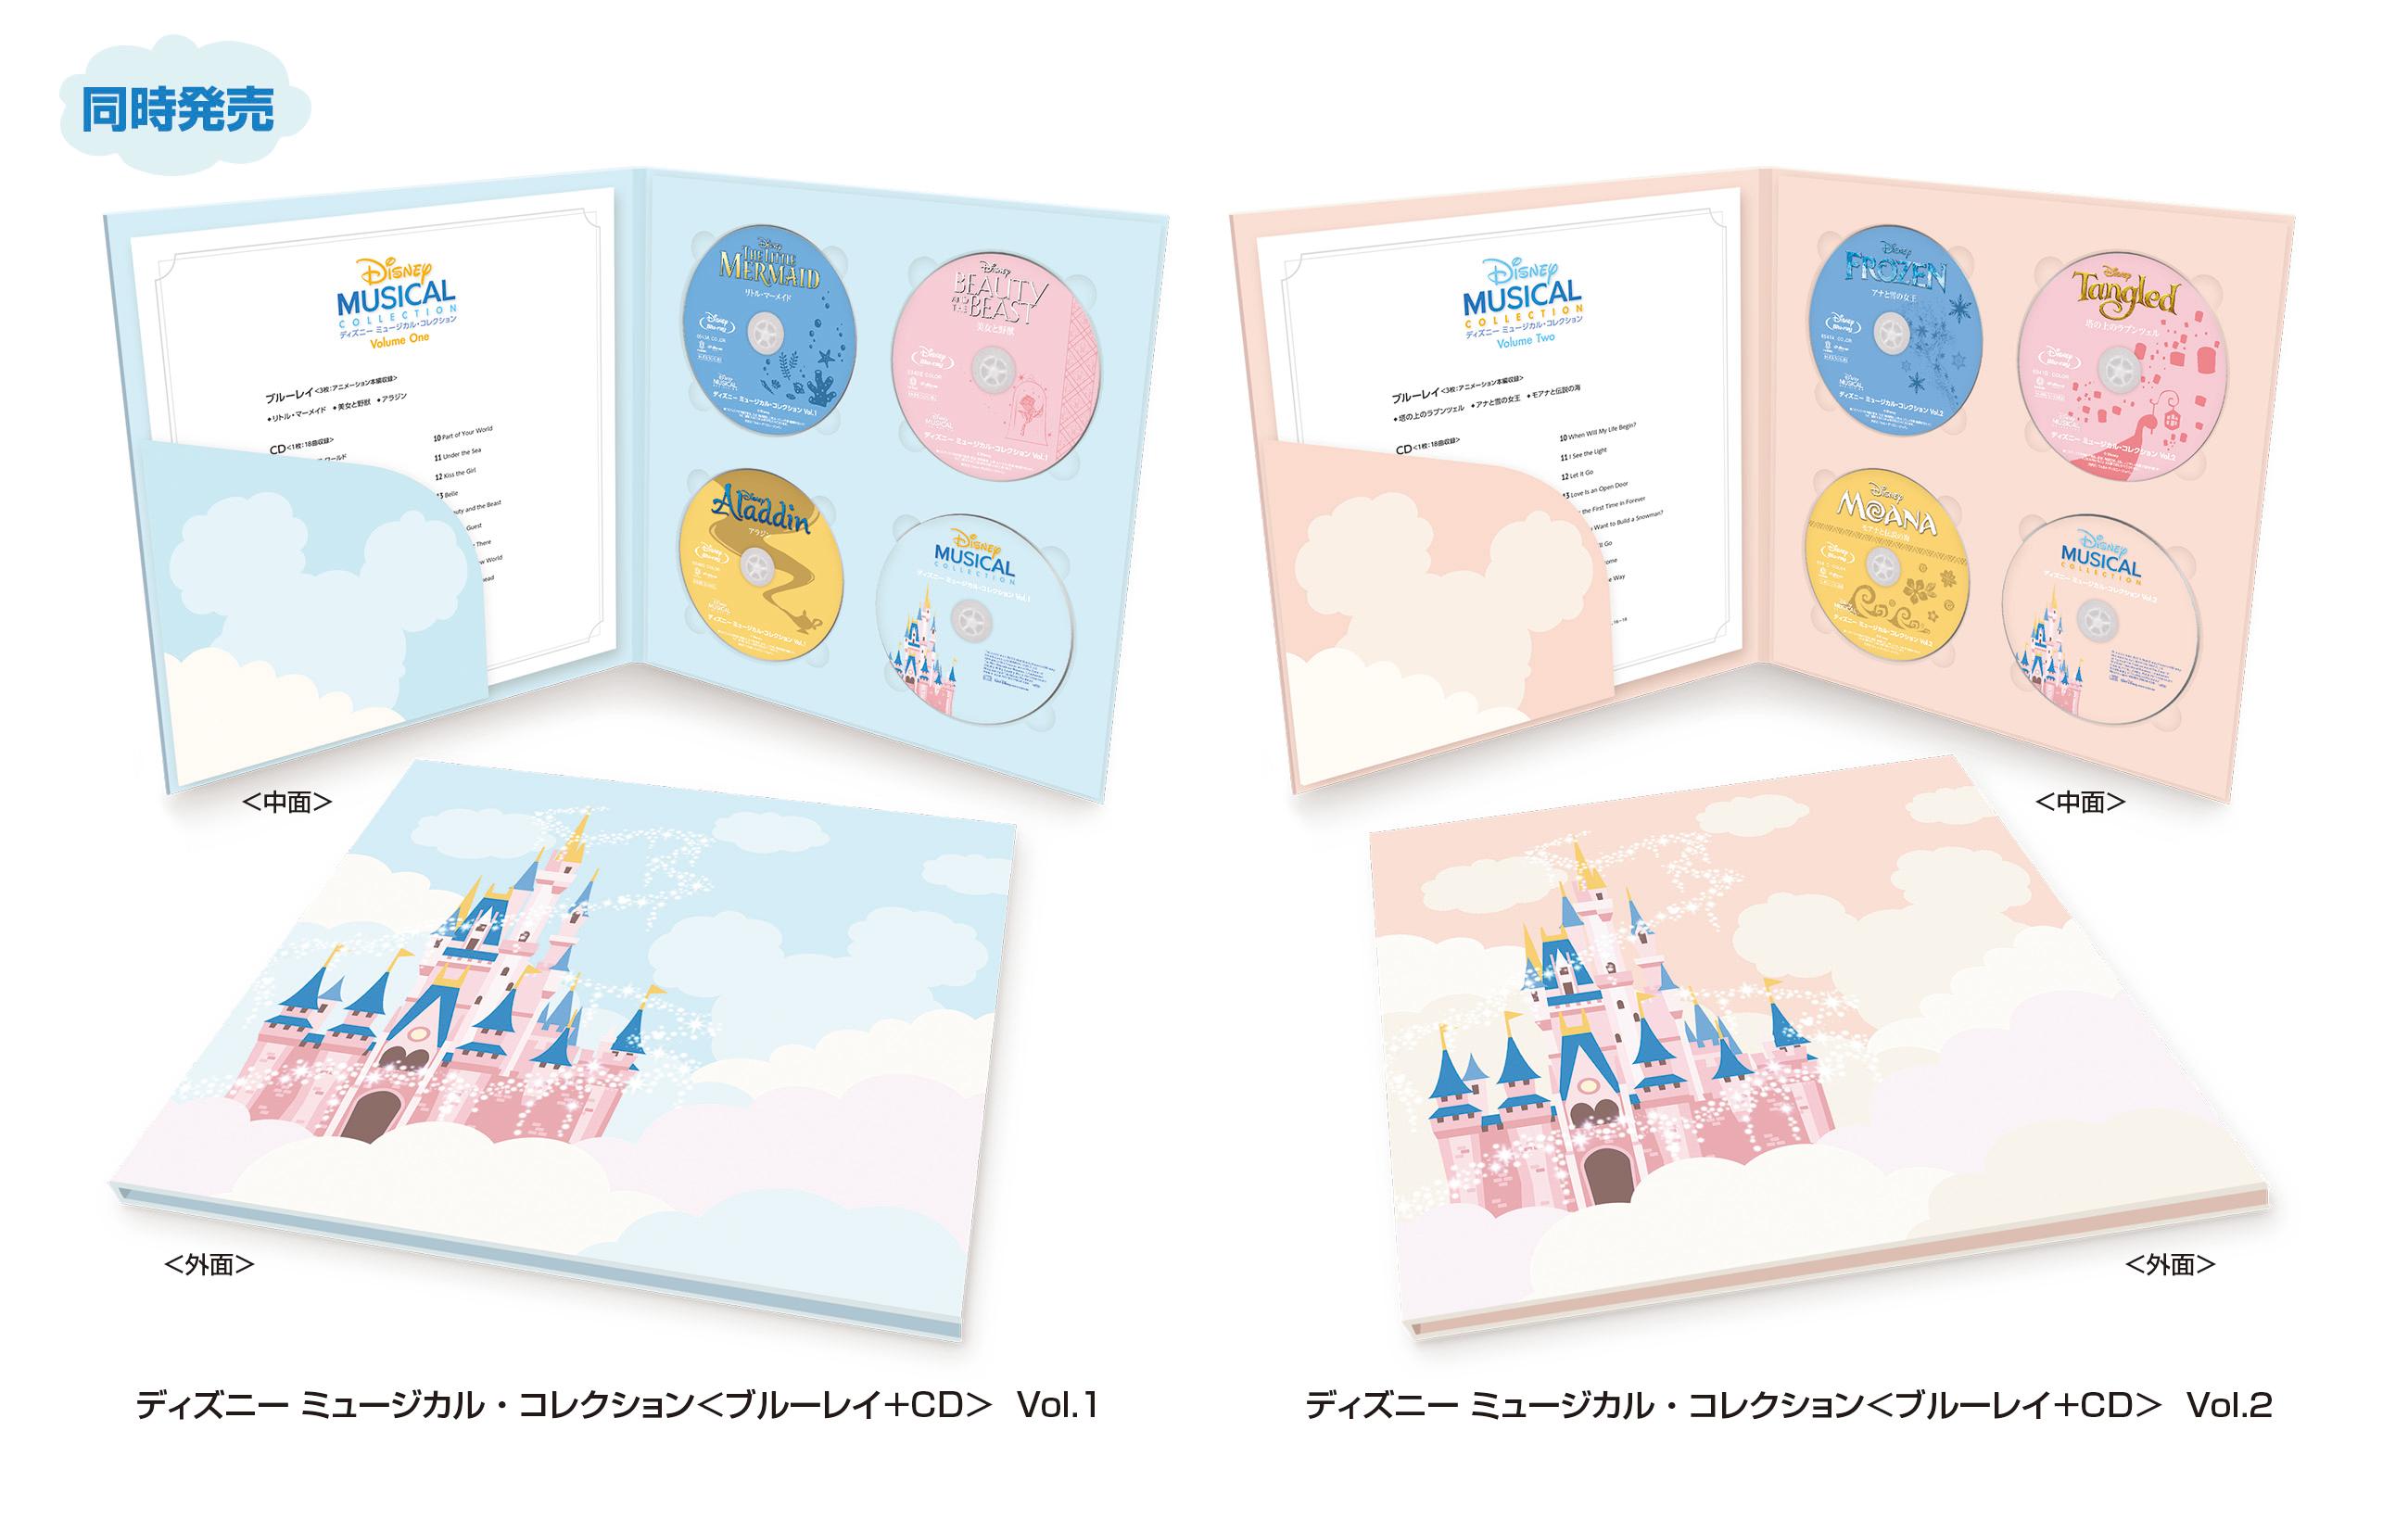 MusicalColle_tenkai_H1+nakamen+Disc_set